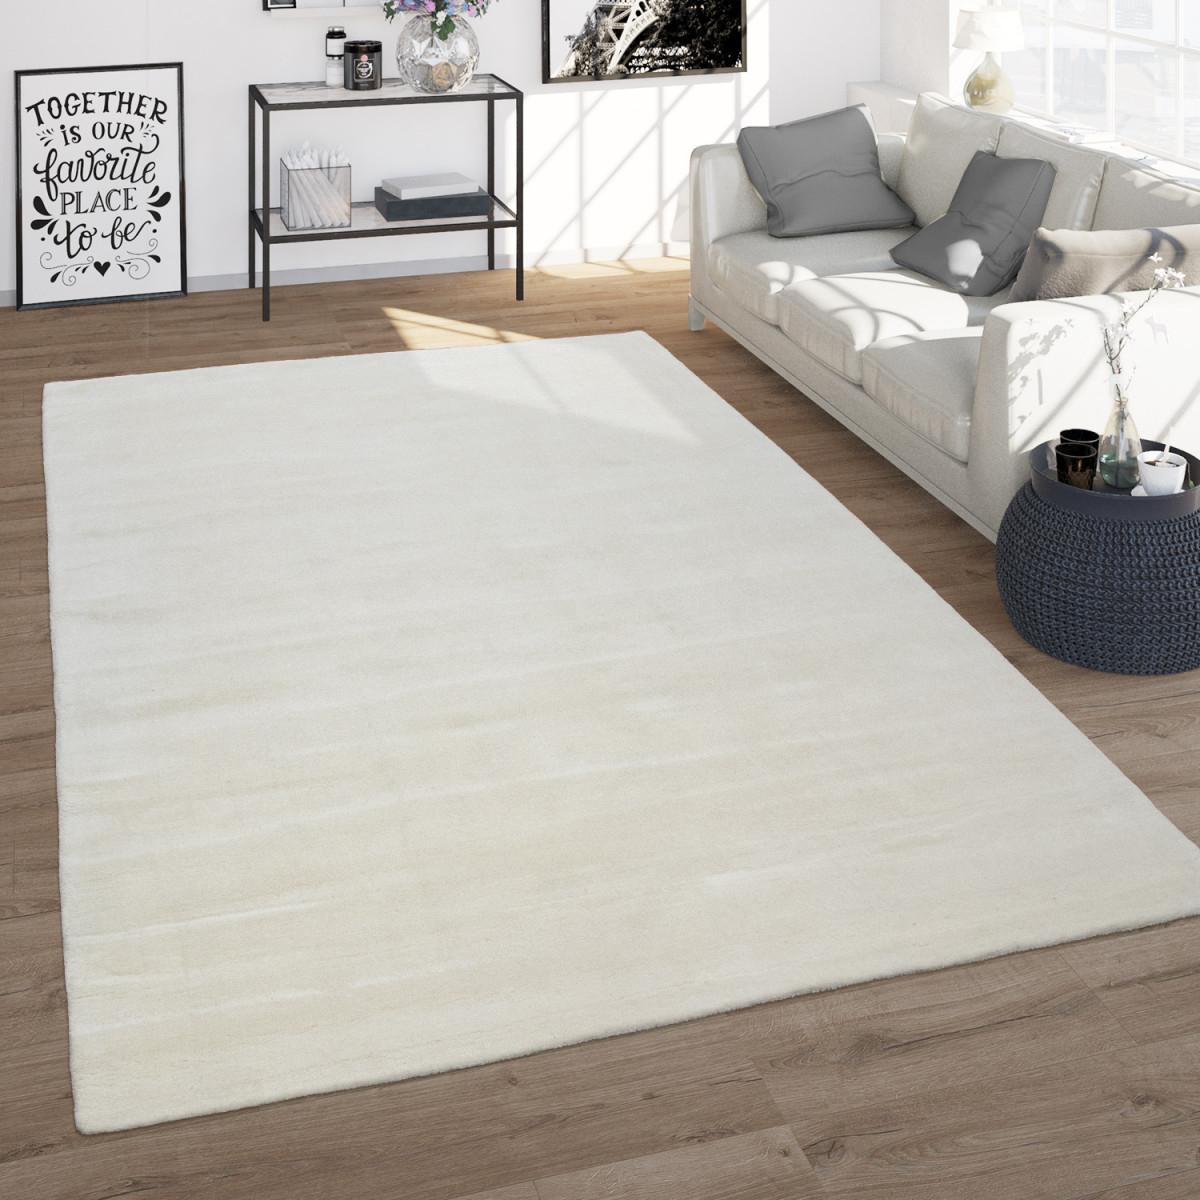 Wohnzimmerteppich Kurzflorteppich Aus Wolle Handgewebt Einfarbig In  Weiß von Wohnzimmer Teppich Weiß Bild